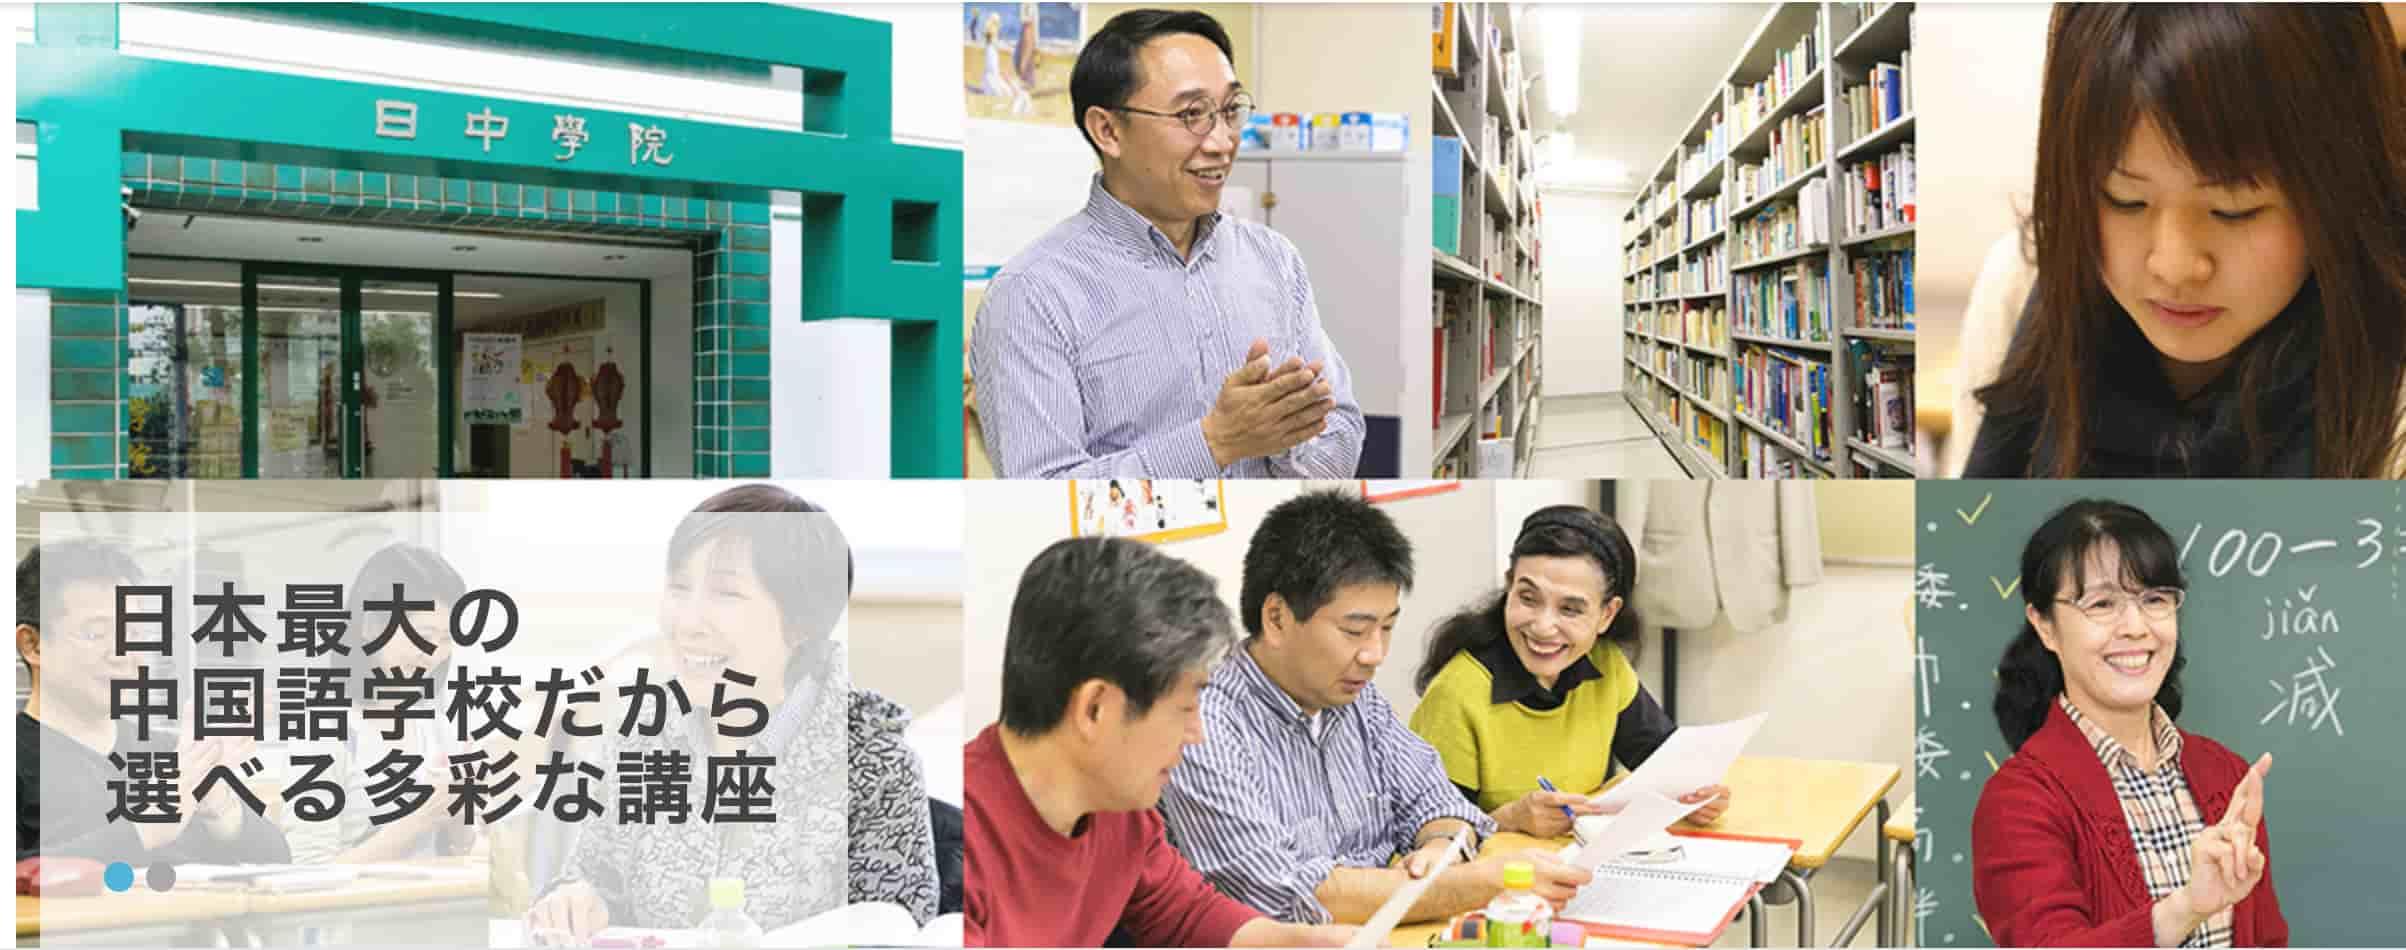 日中学院中国語教室